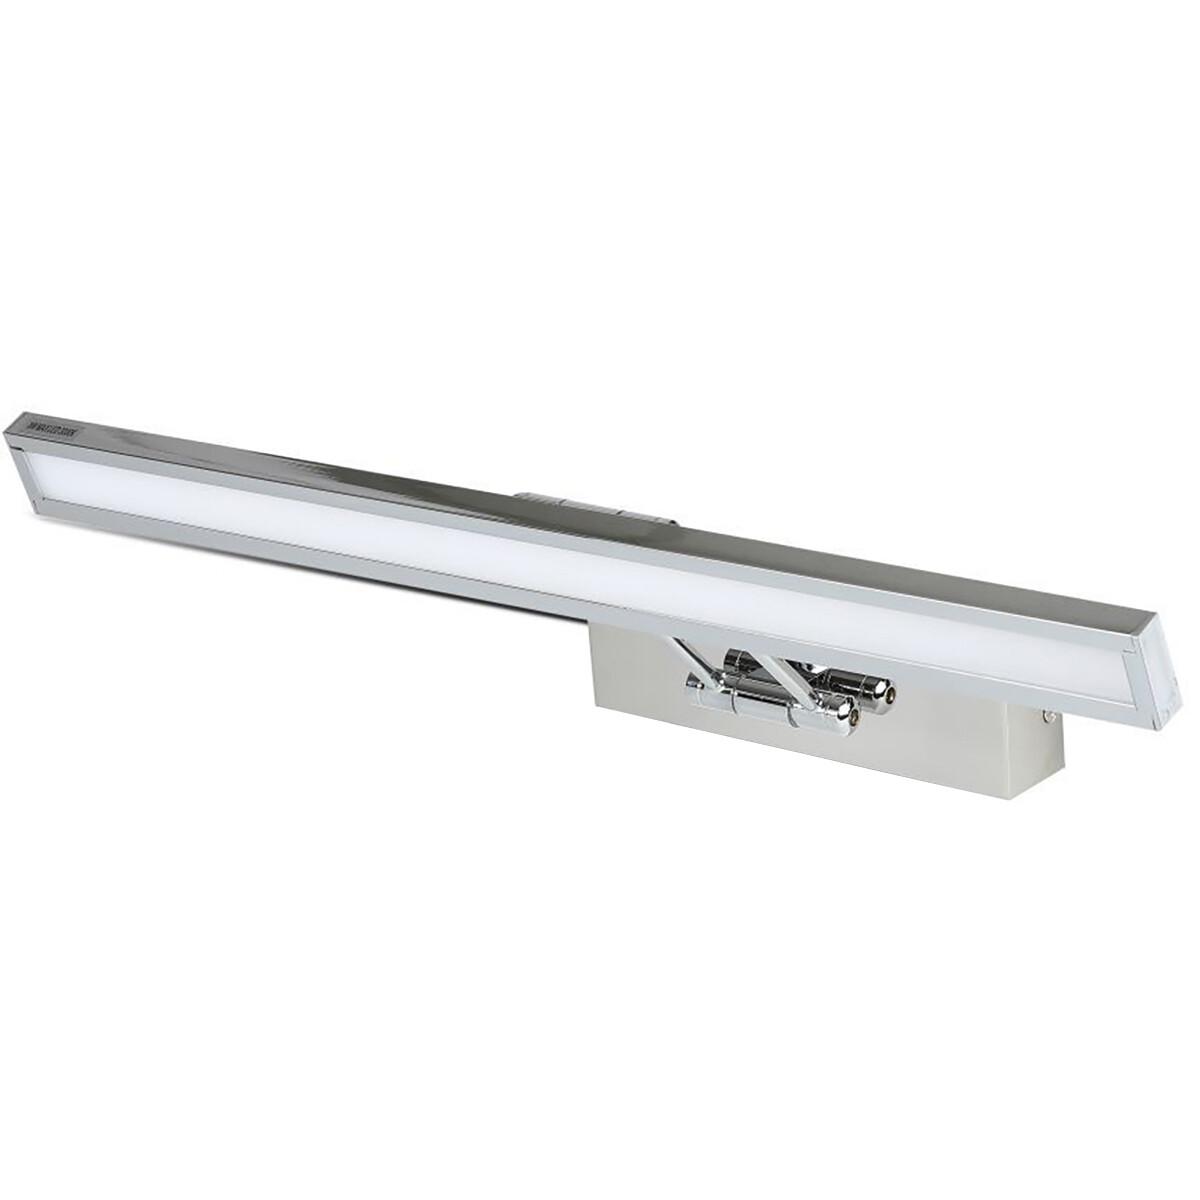 LED Spiegelverlichting - Schilderijverlichting - Viron Quala - 8W - Natuurlijk Wit 4000K - Mat Chroo